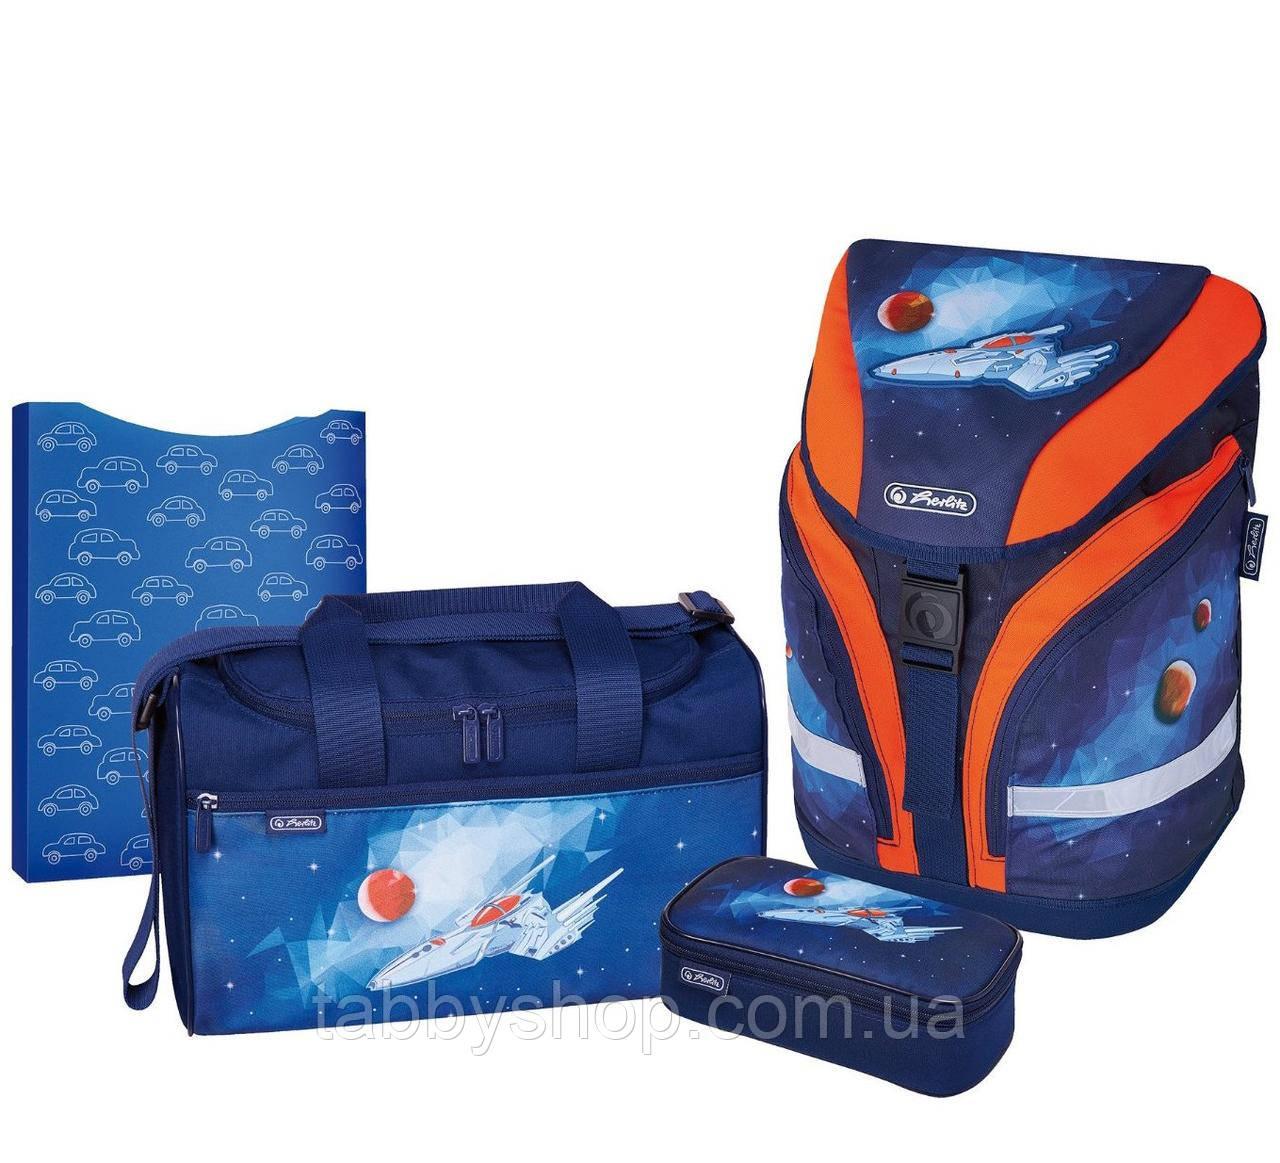 Рюкзак школьный Herlitz MOTION PLUS Plus Jet с наполнением (4 предмета)